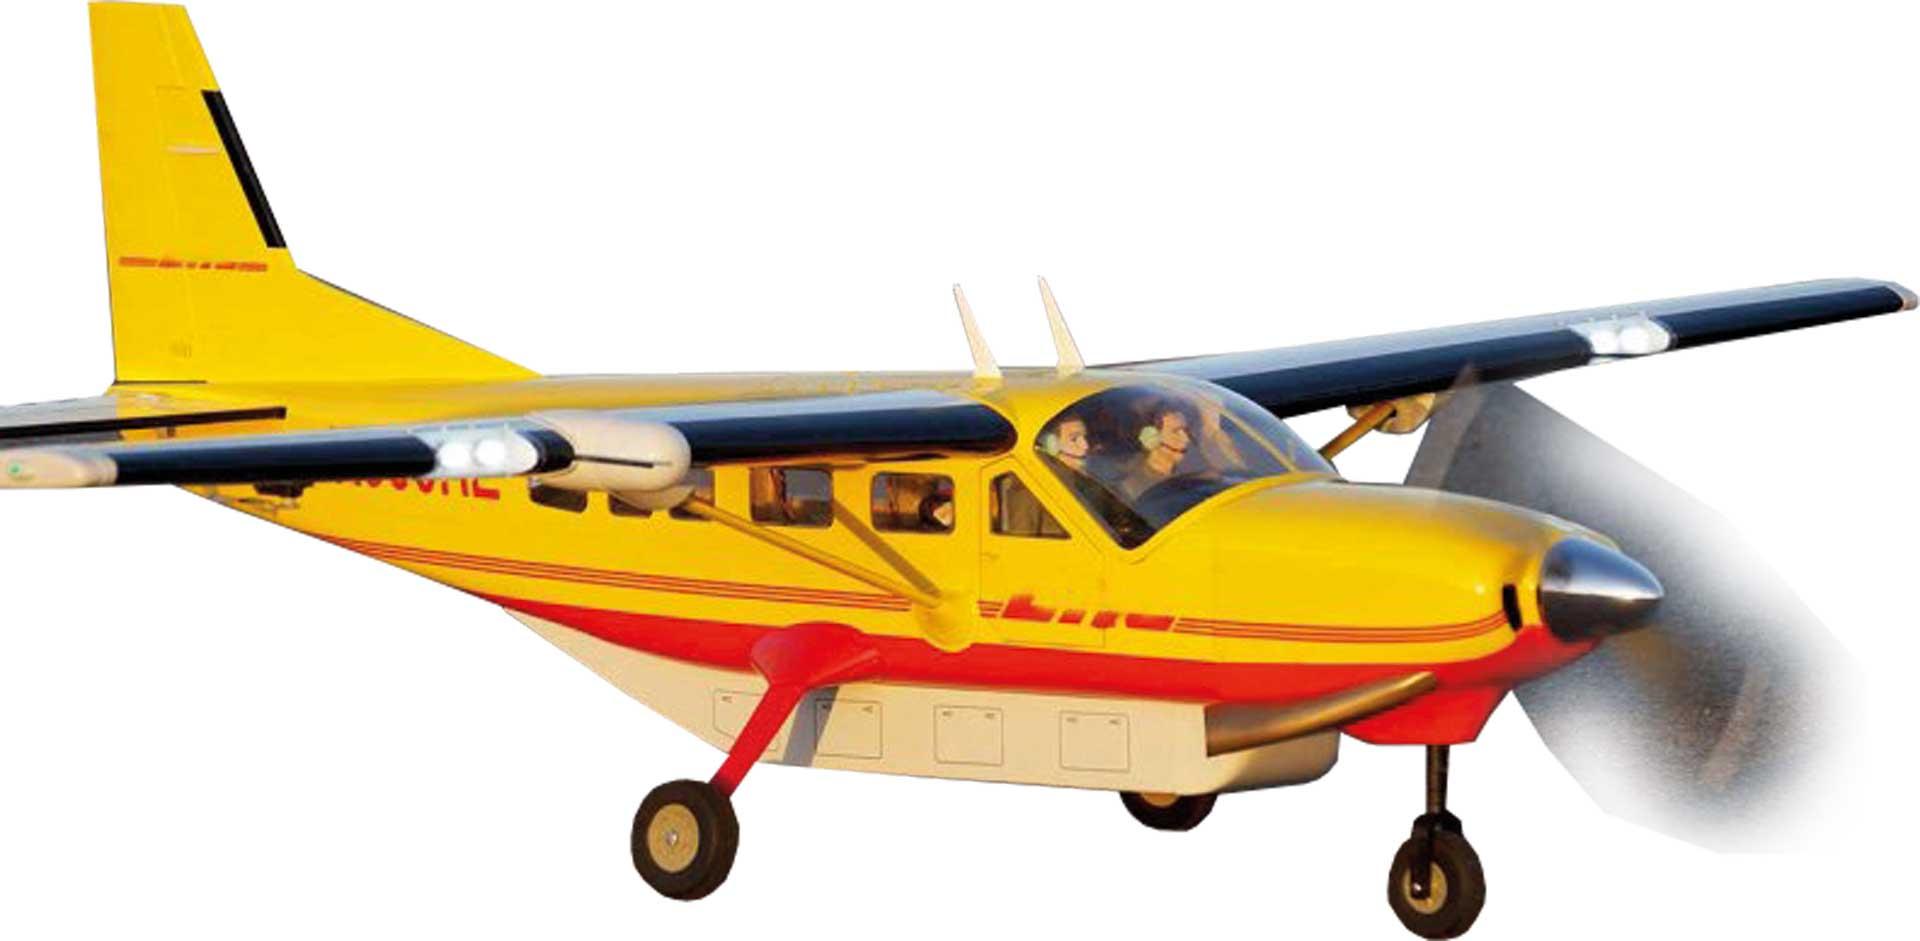 VQ Models Cessna 208 Grand Caravan (gelb) / 1650mm ARF